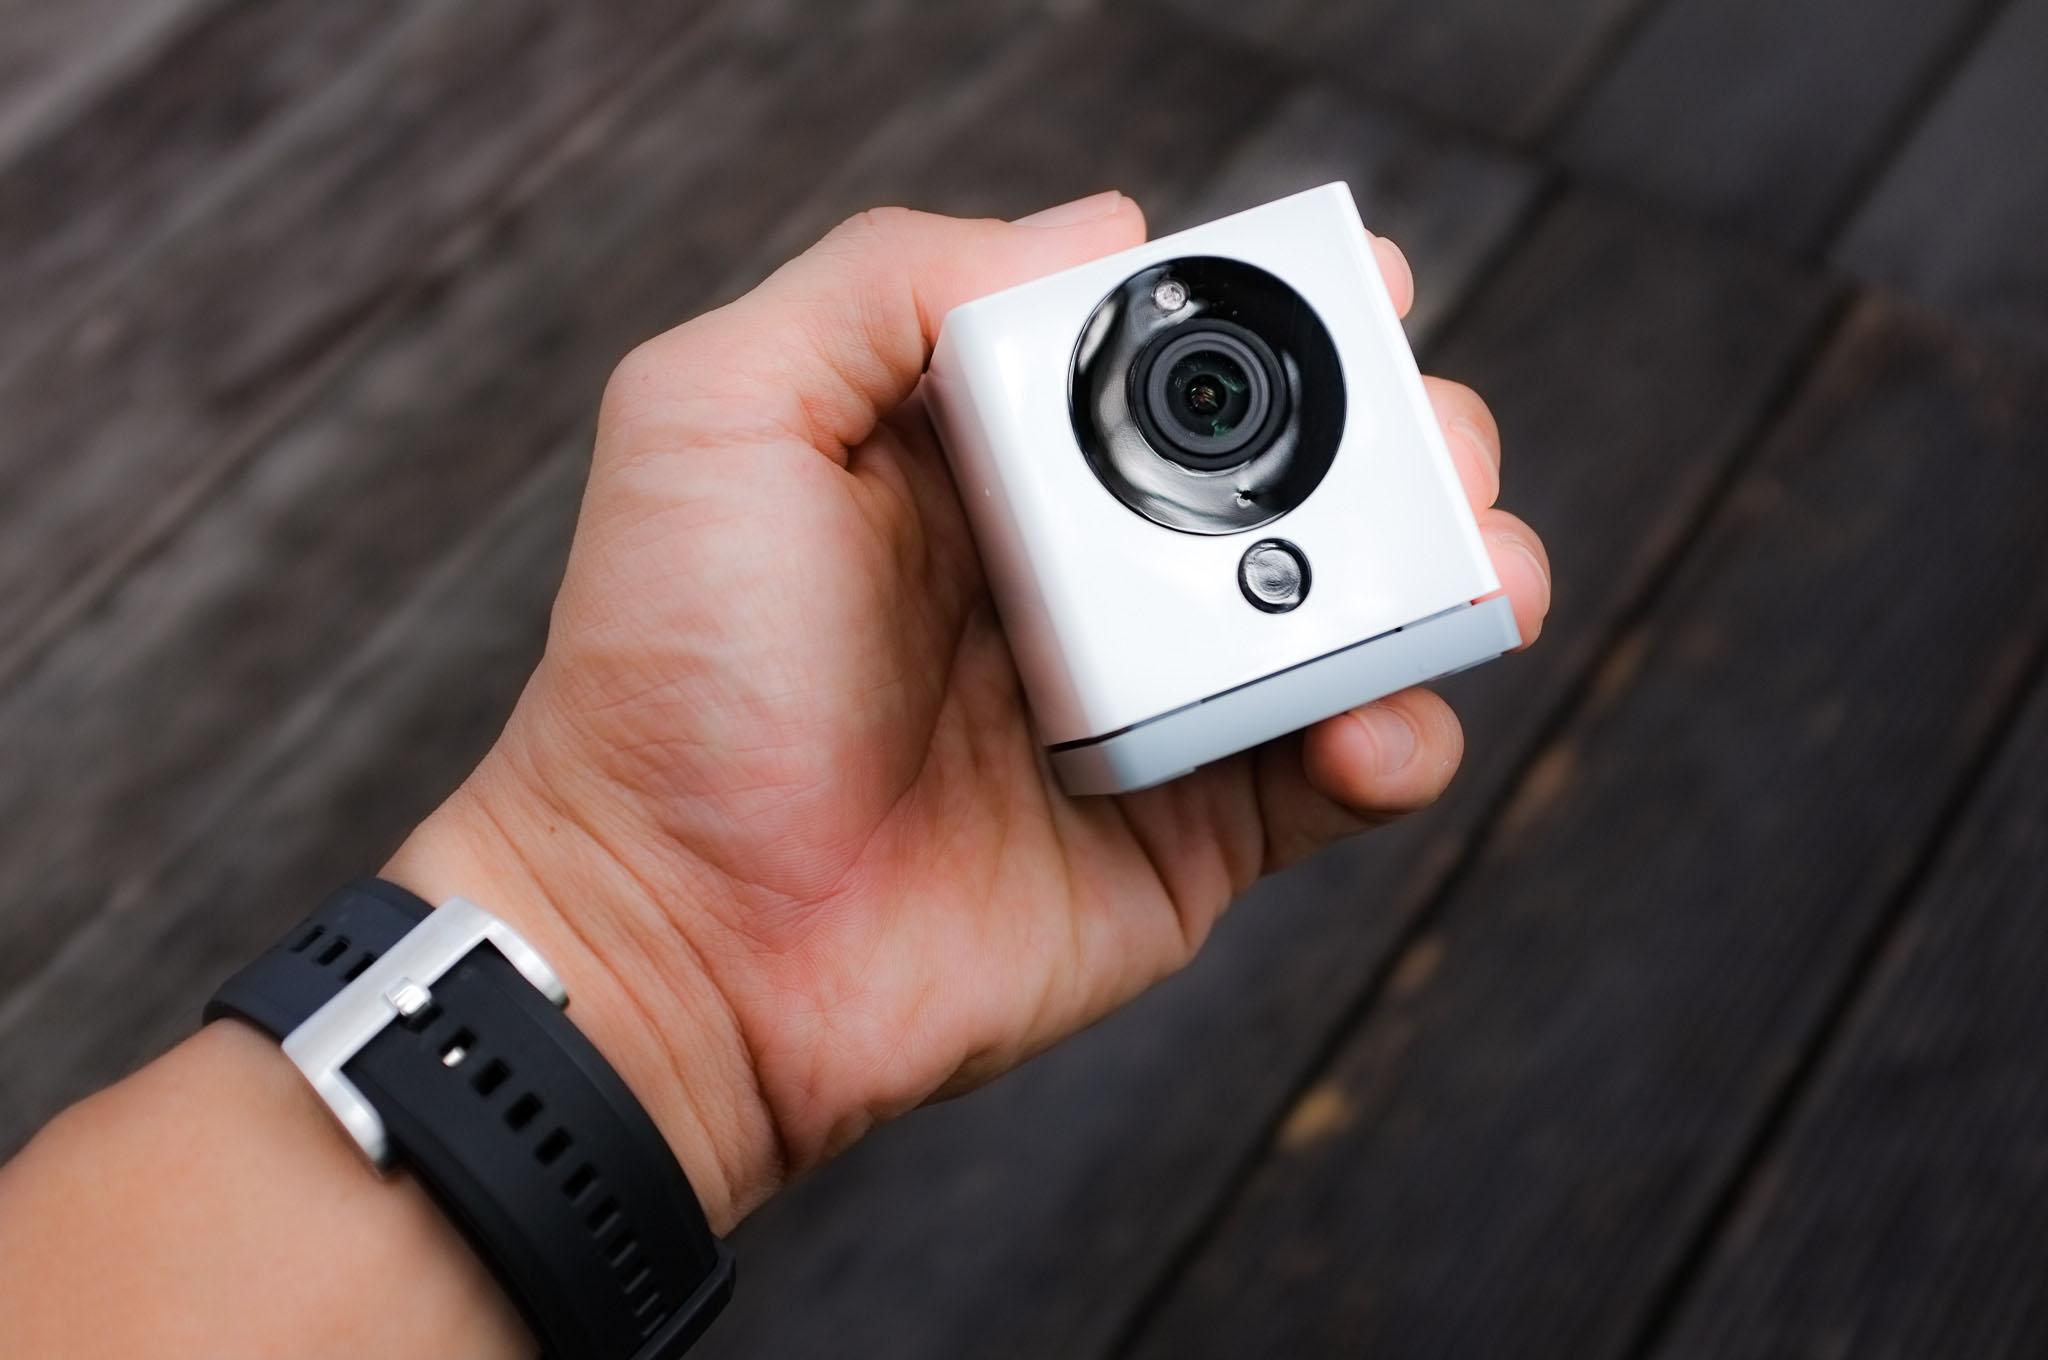 4005613_Tinhte-xiaomi-mini-square-camera-6.jpg